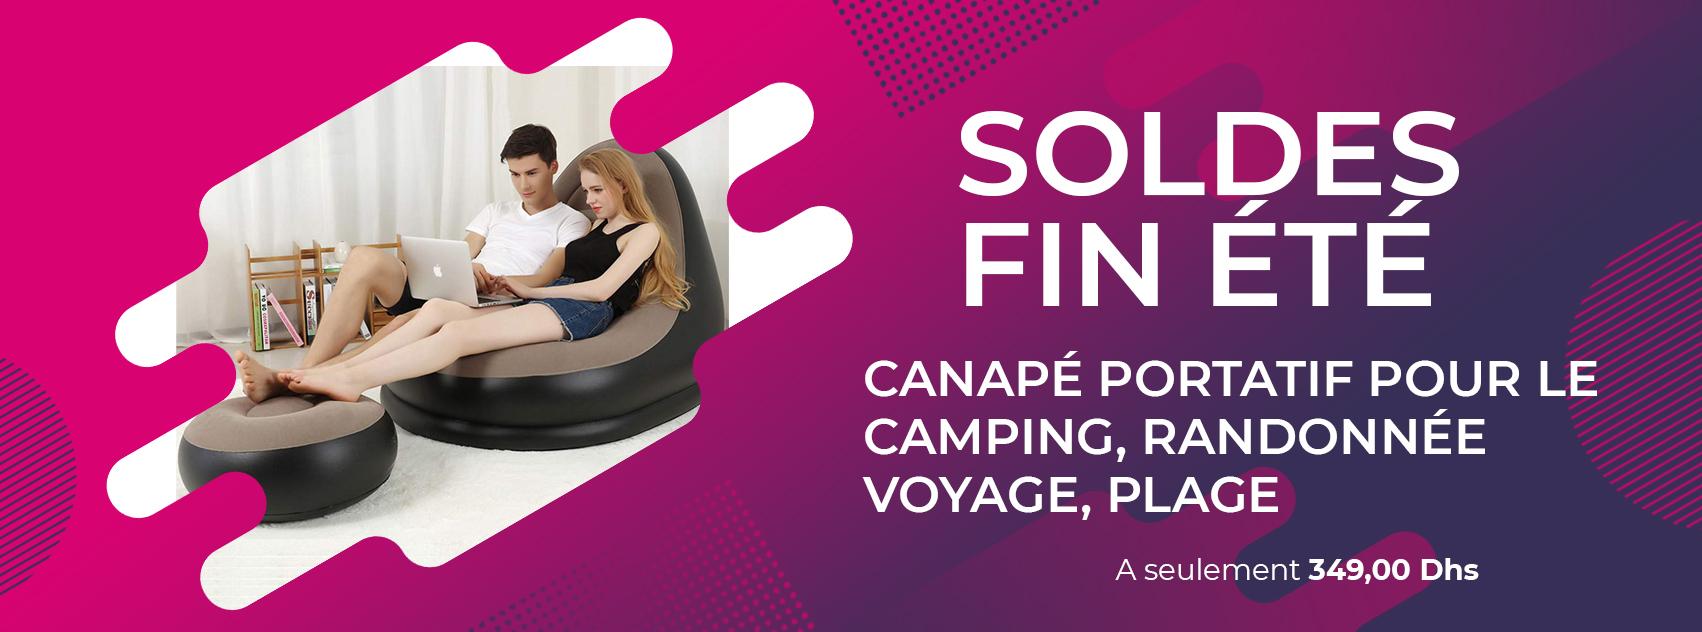 Canapé Gonflable d'air, Pouf, canapé inclinable portatif pour Le Camping, randonnée, Voyage, Plage